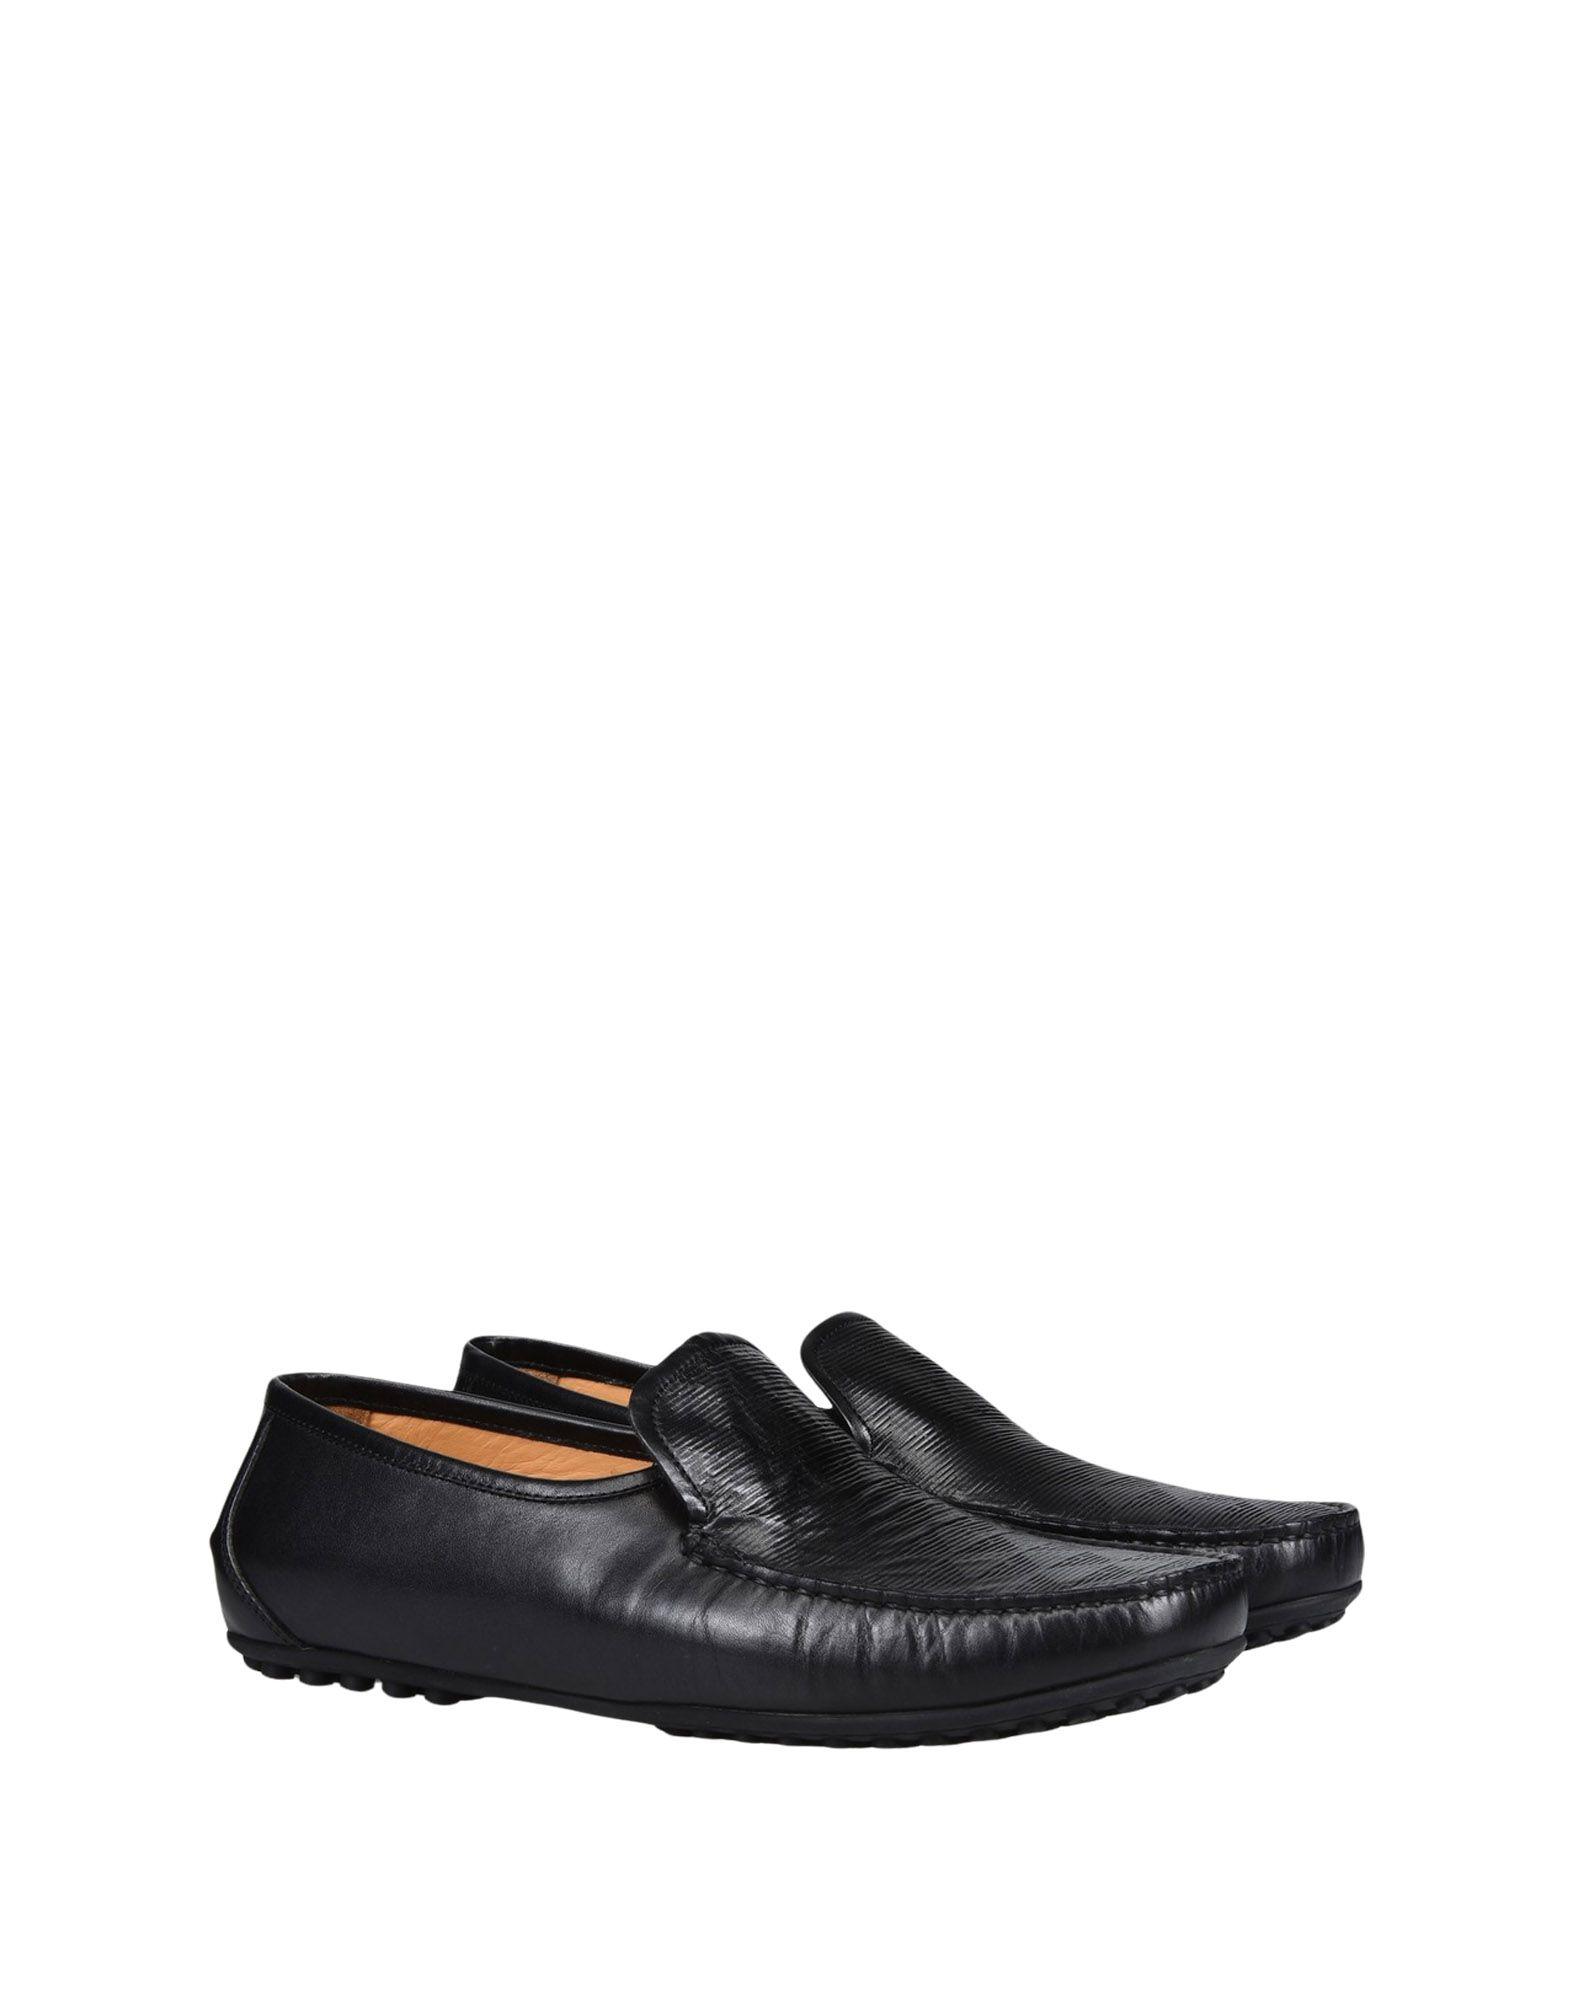 Emporio Armani Mokassins Herren  11379812JW Gute Qualität beliebte Schuhe